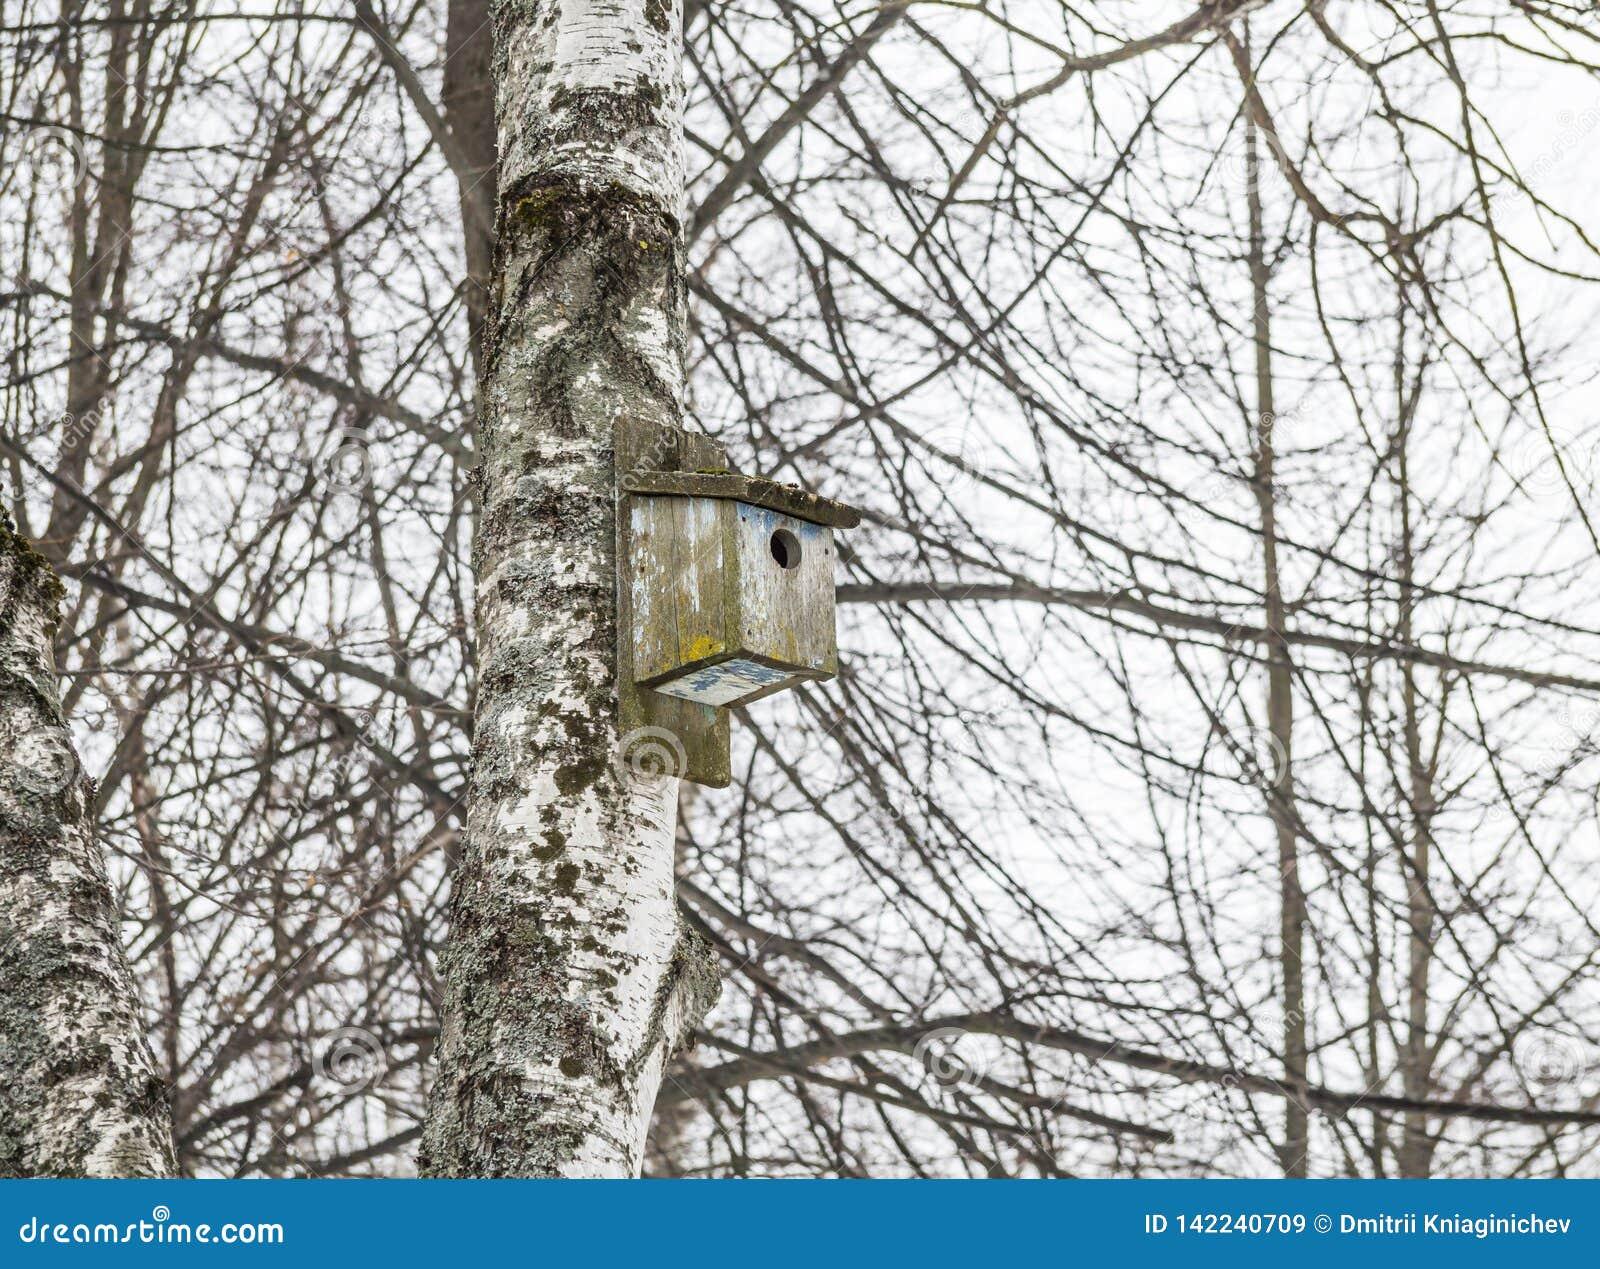 Pajarera de madera vieja en un árbol En el fondo de ramas